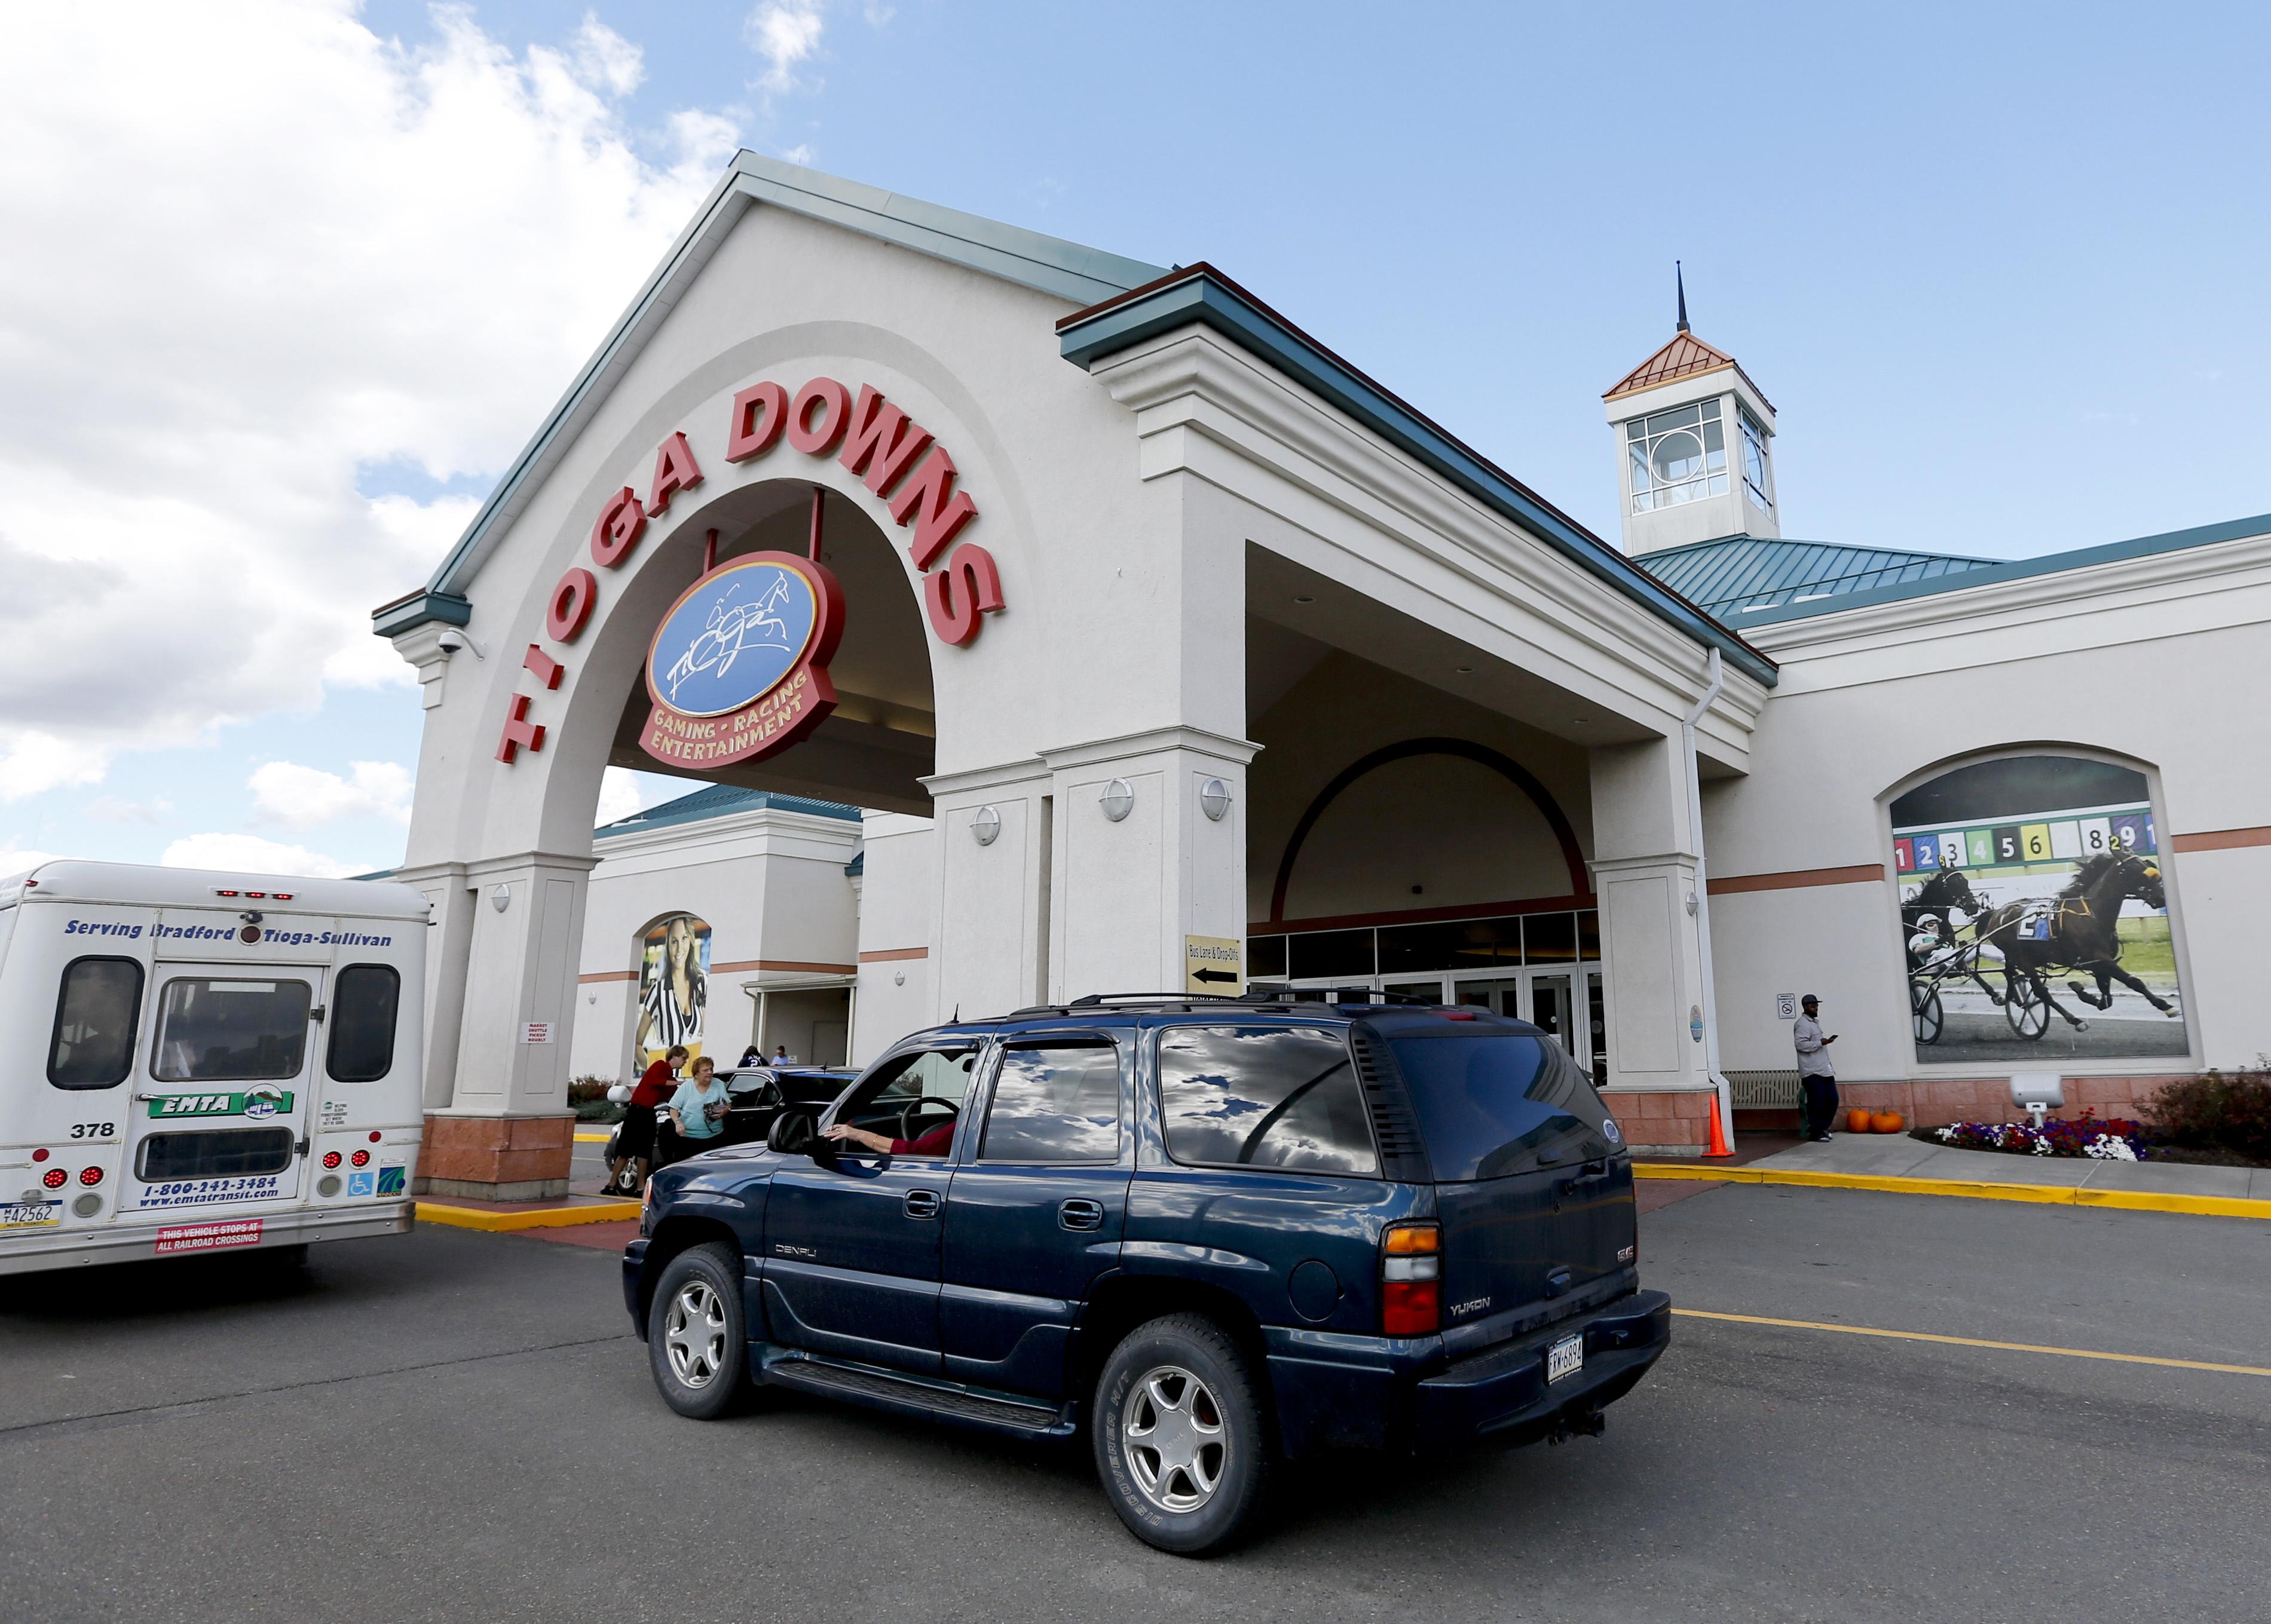 Gambling losses new york state